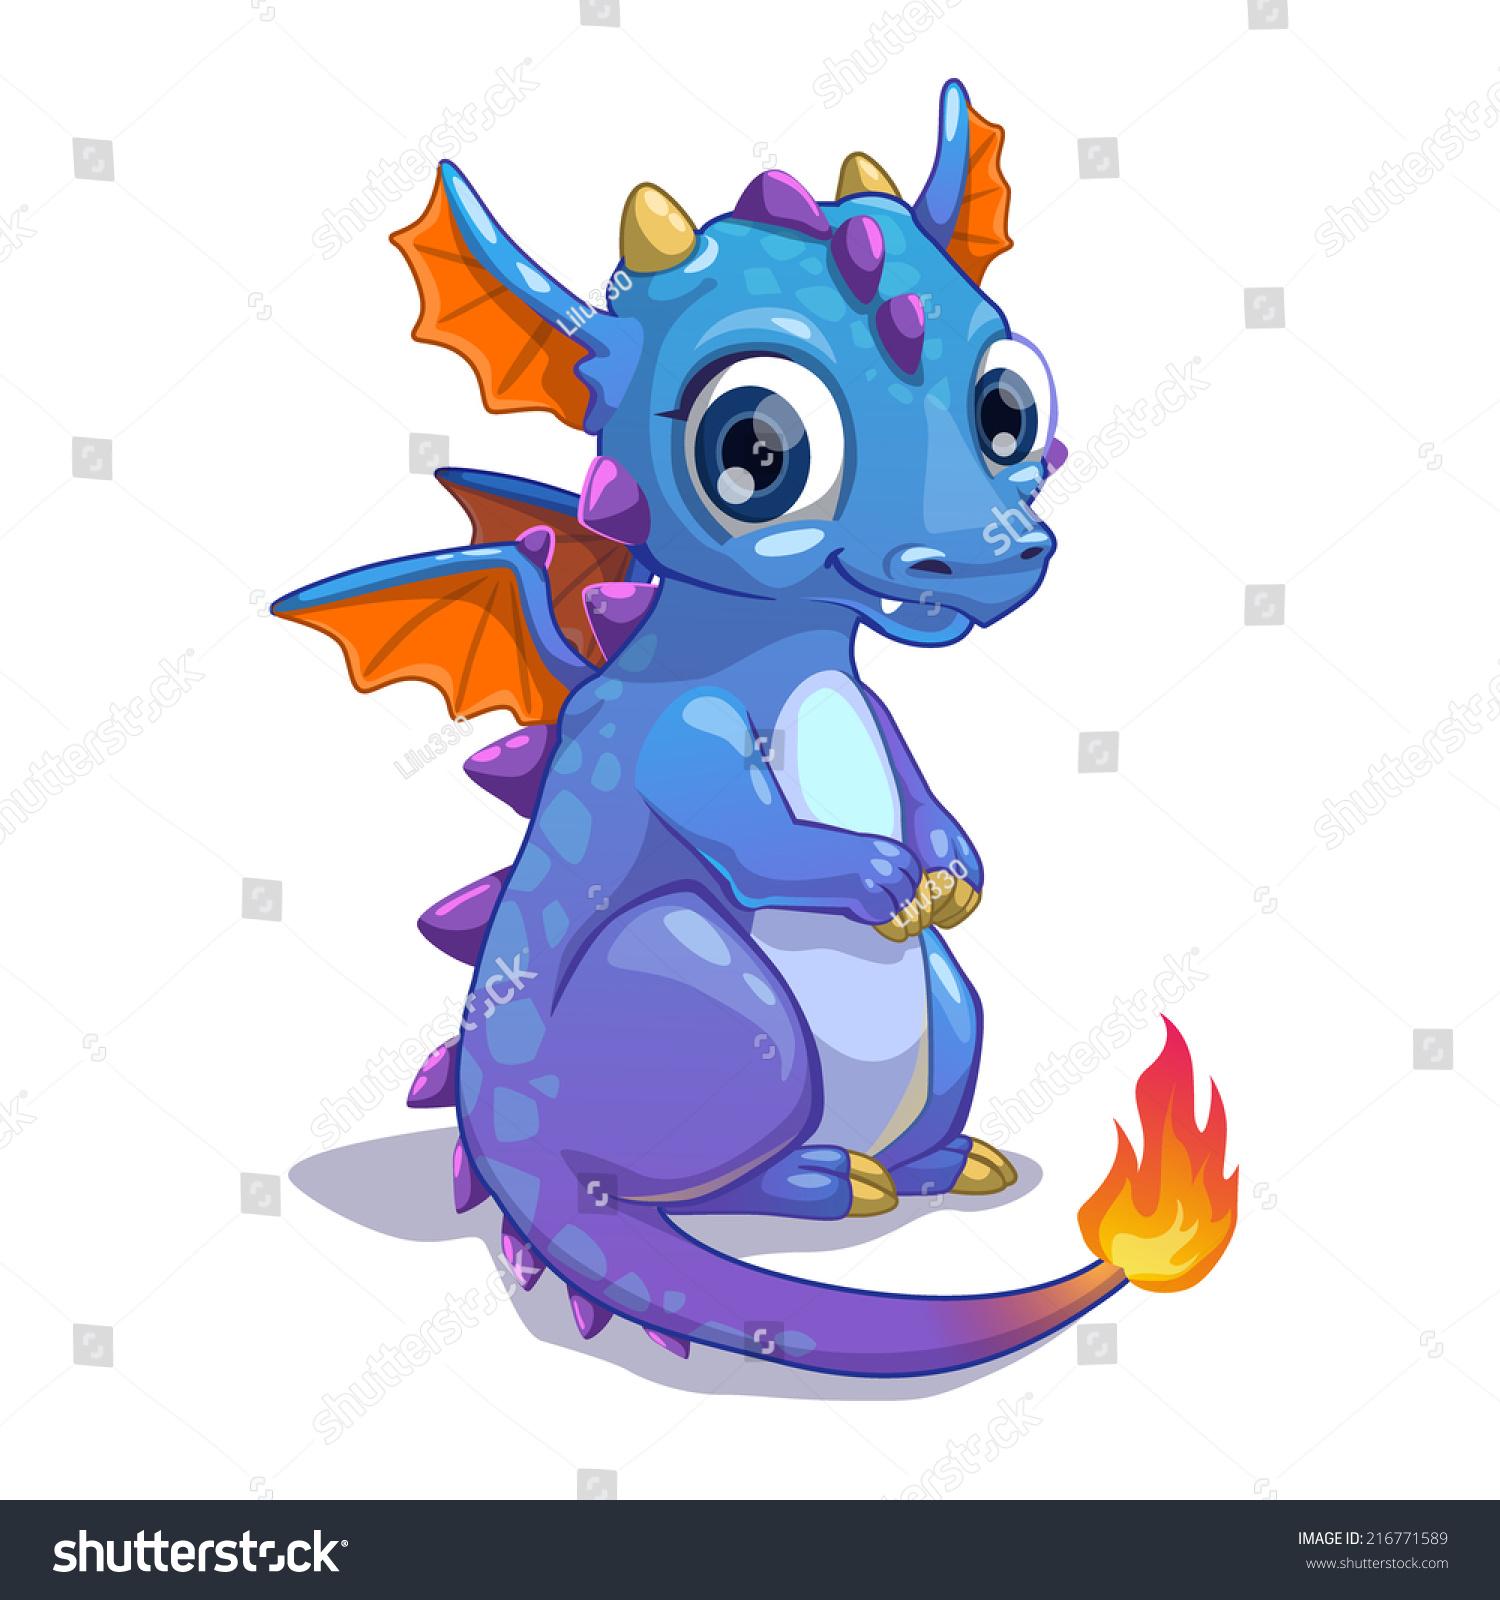 Cute Blue Cartoon Dragon Fire On Stock Vector 216771589